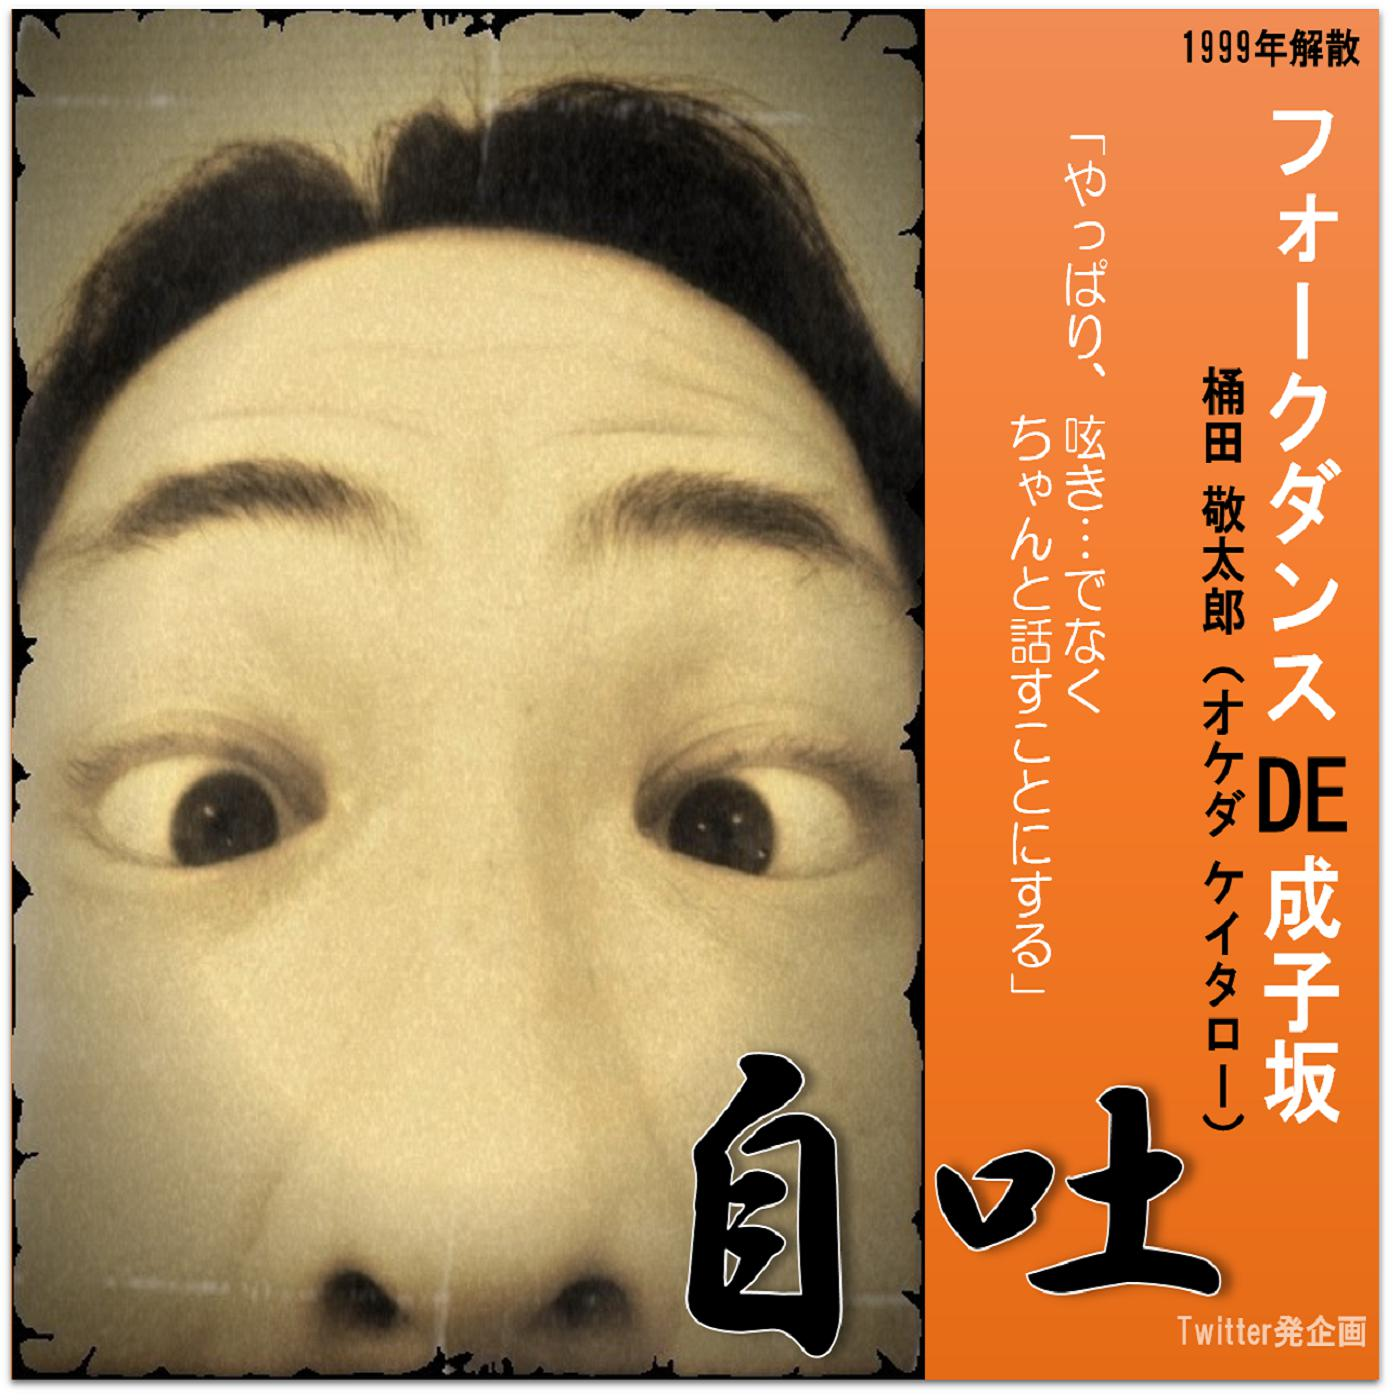 桶田敬太郎